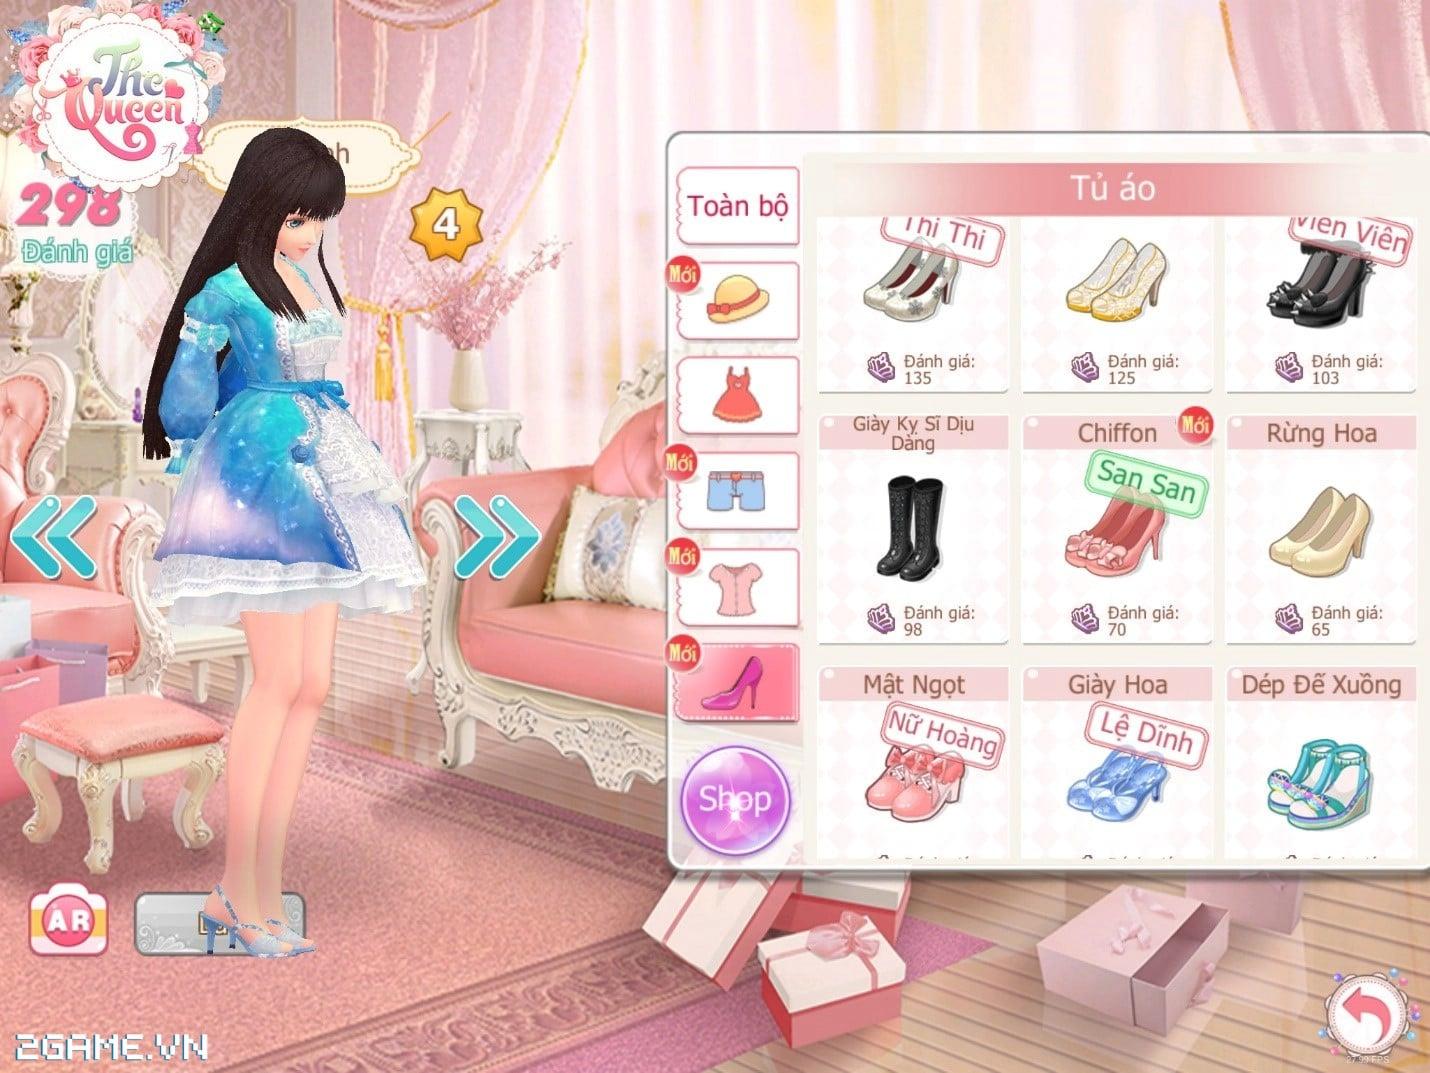 Điểm mặt 3 tính năng đặc sắc của game The Queen: Nữ Hoàng Thời Trang 5